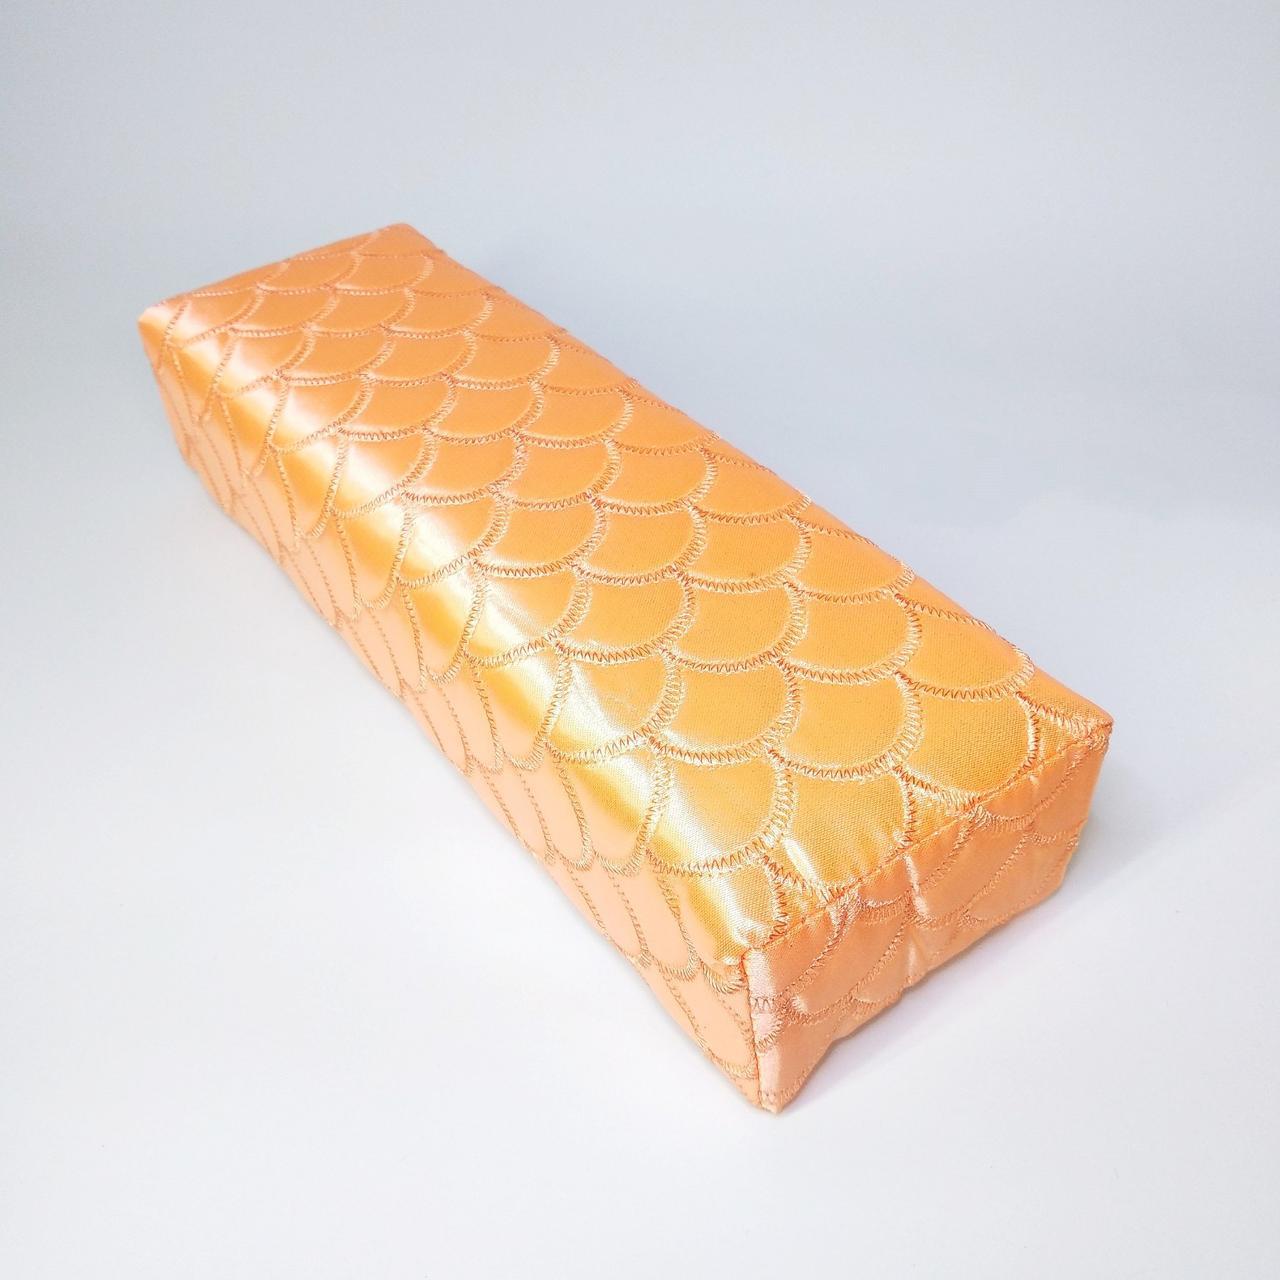 Підлокітник для манікюру текстильний помаранчевий